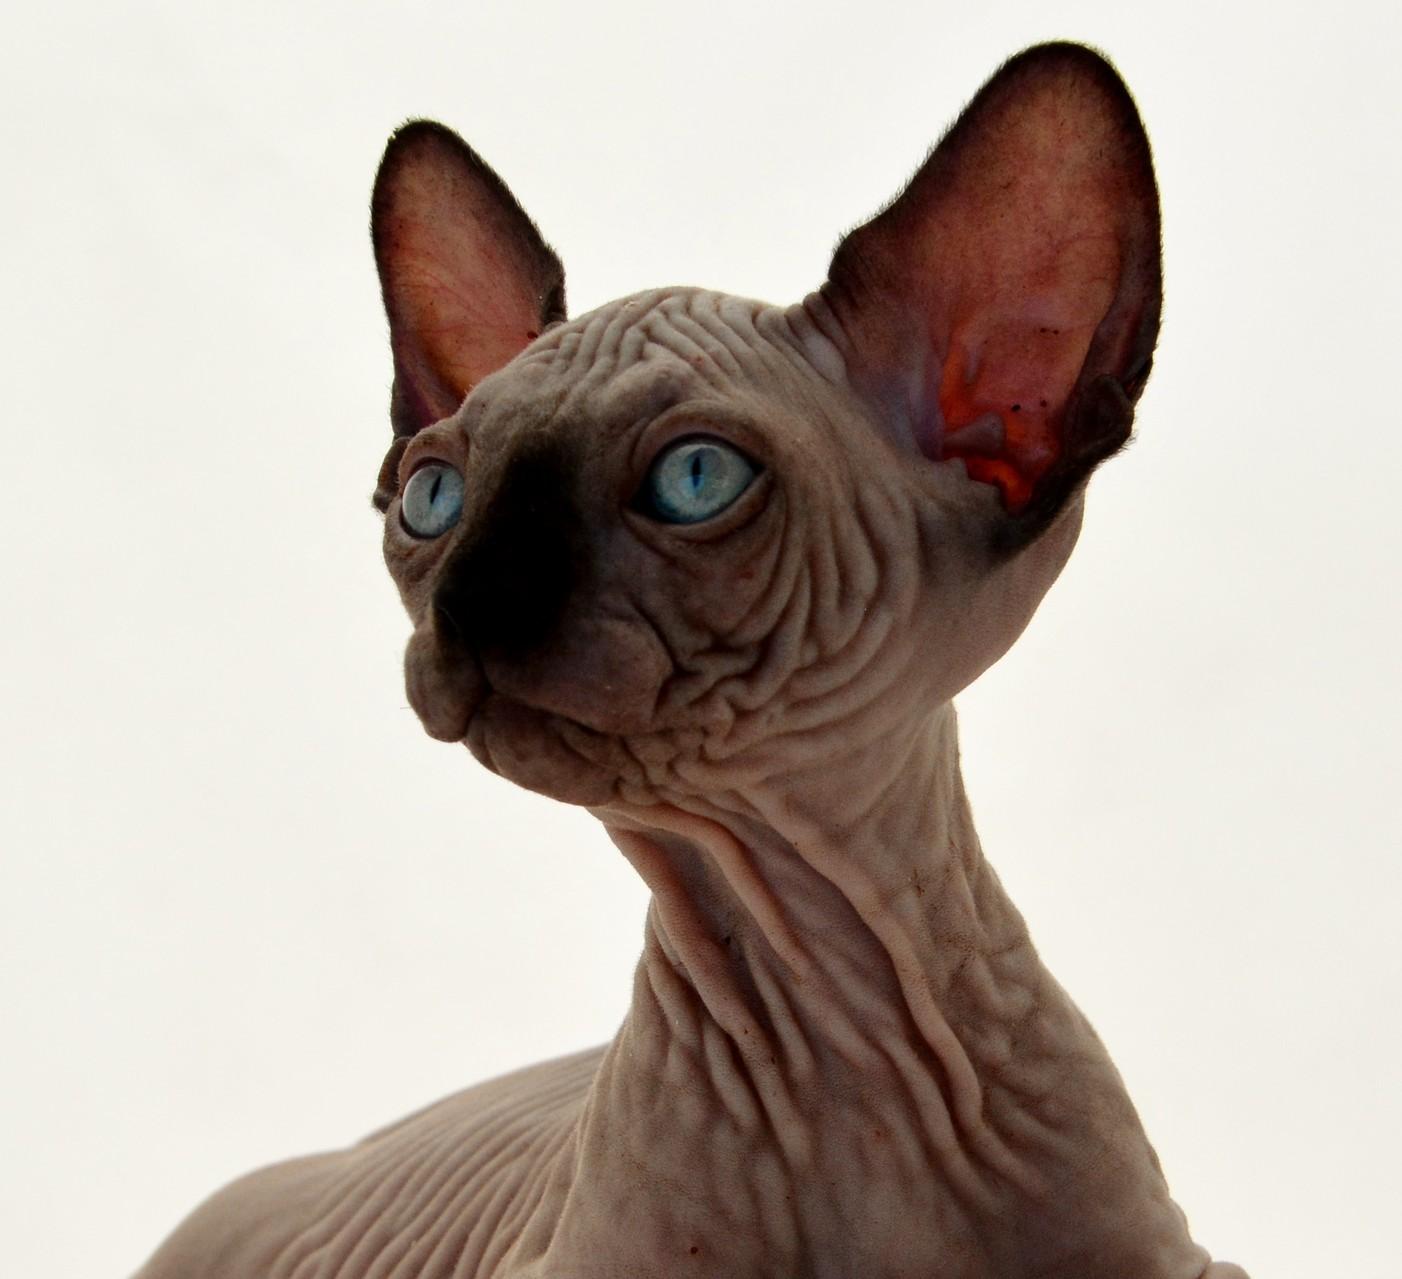 распространение сфинкс черный кошка картинки модели макияжем можно